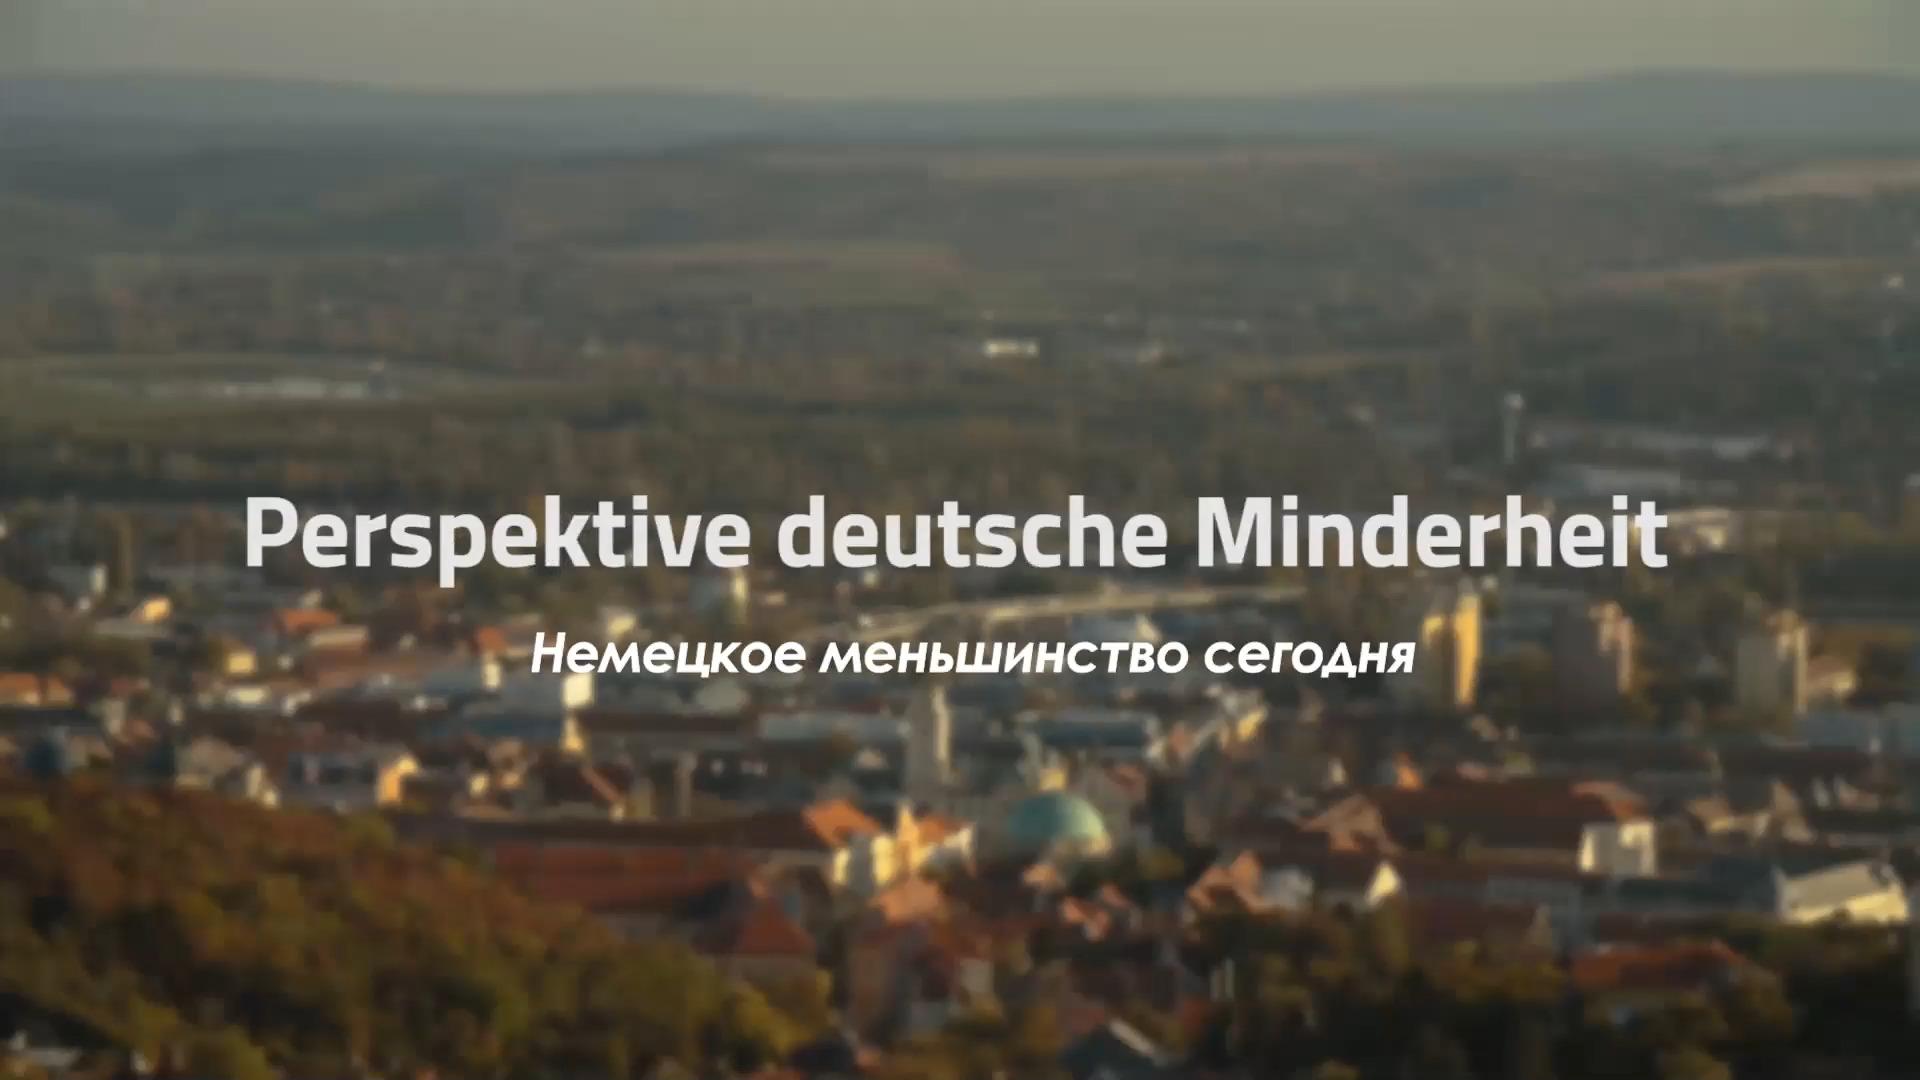 В фокусе — немецкое этническое меньшинство. Перспективы из России и Казахстана